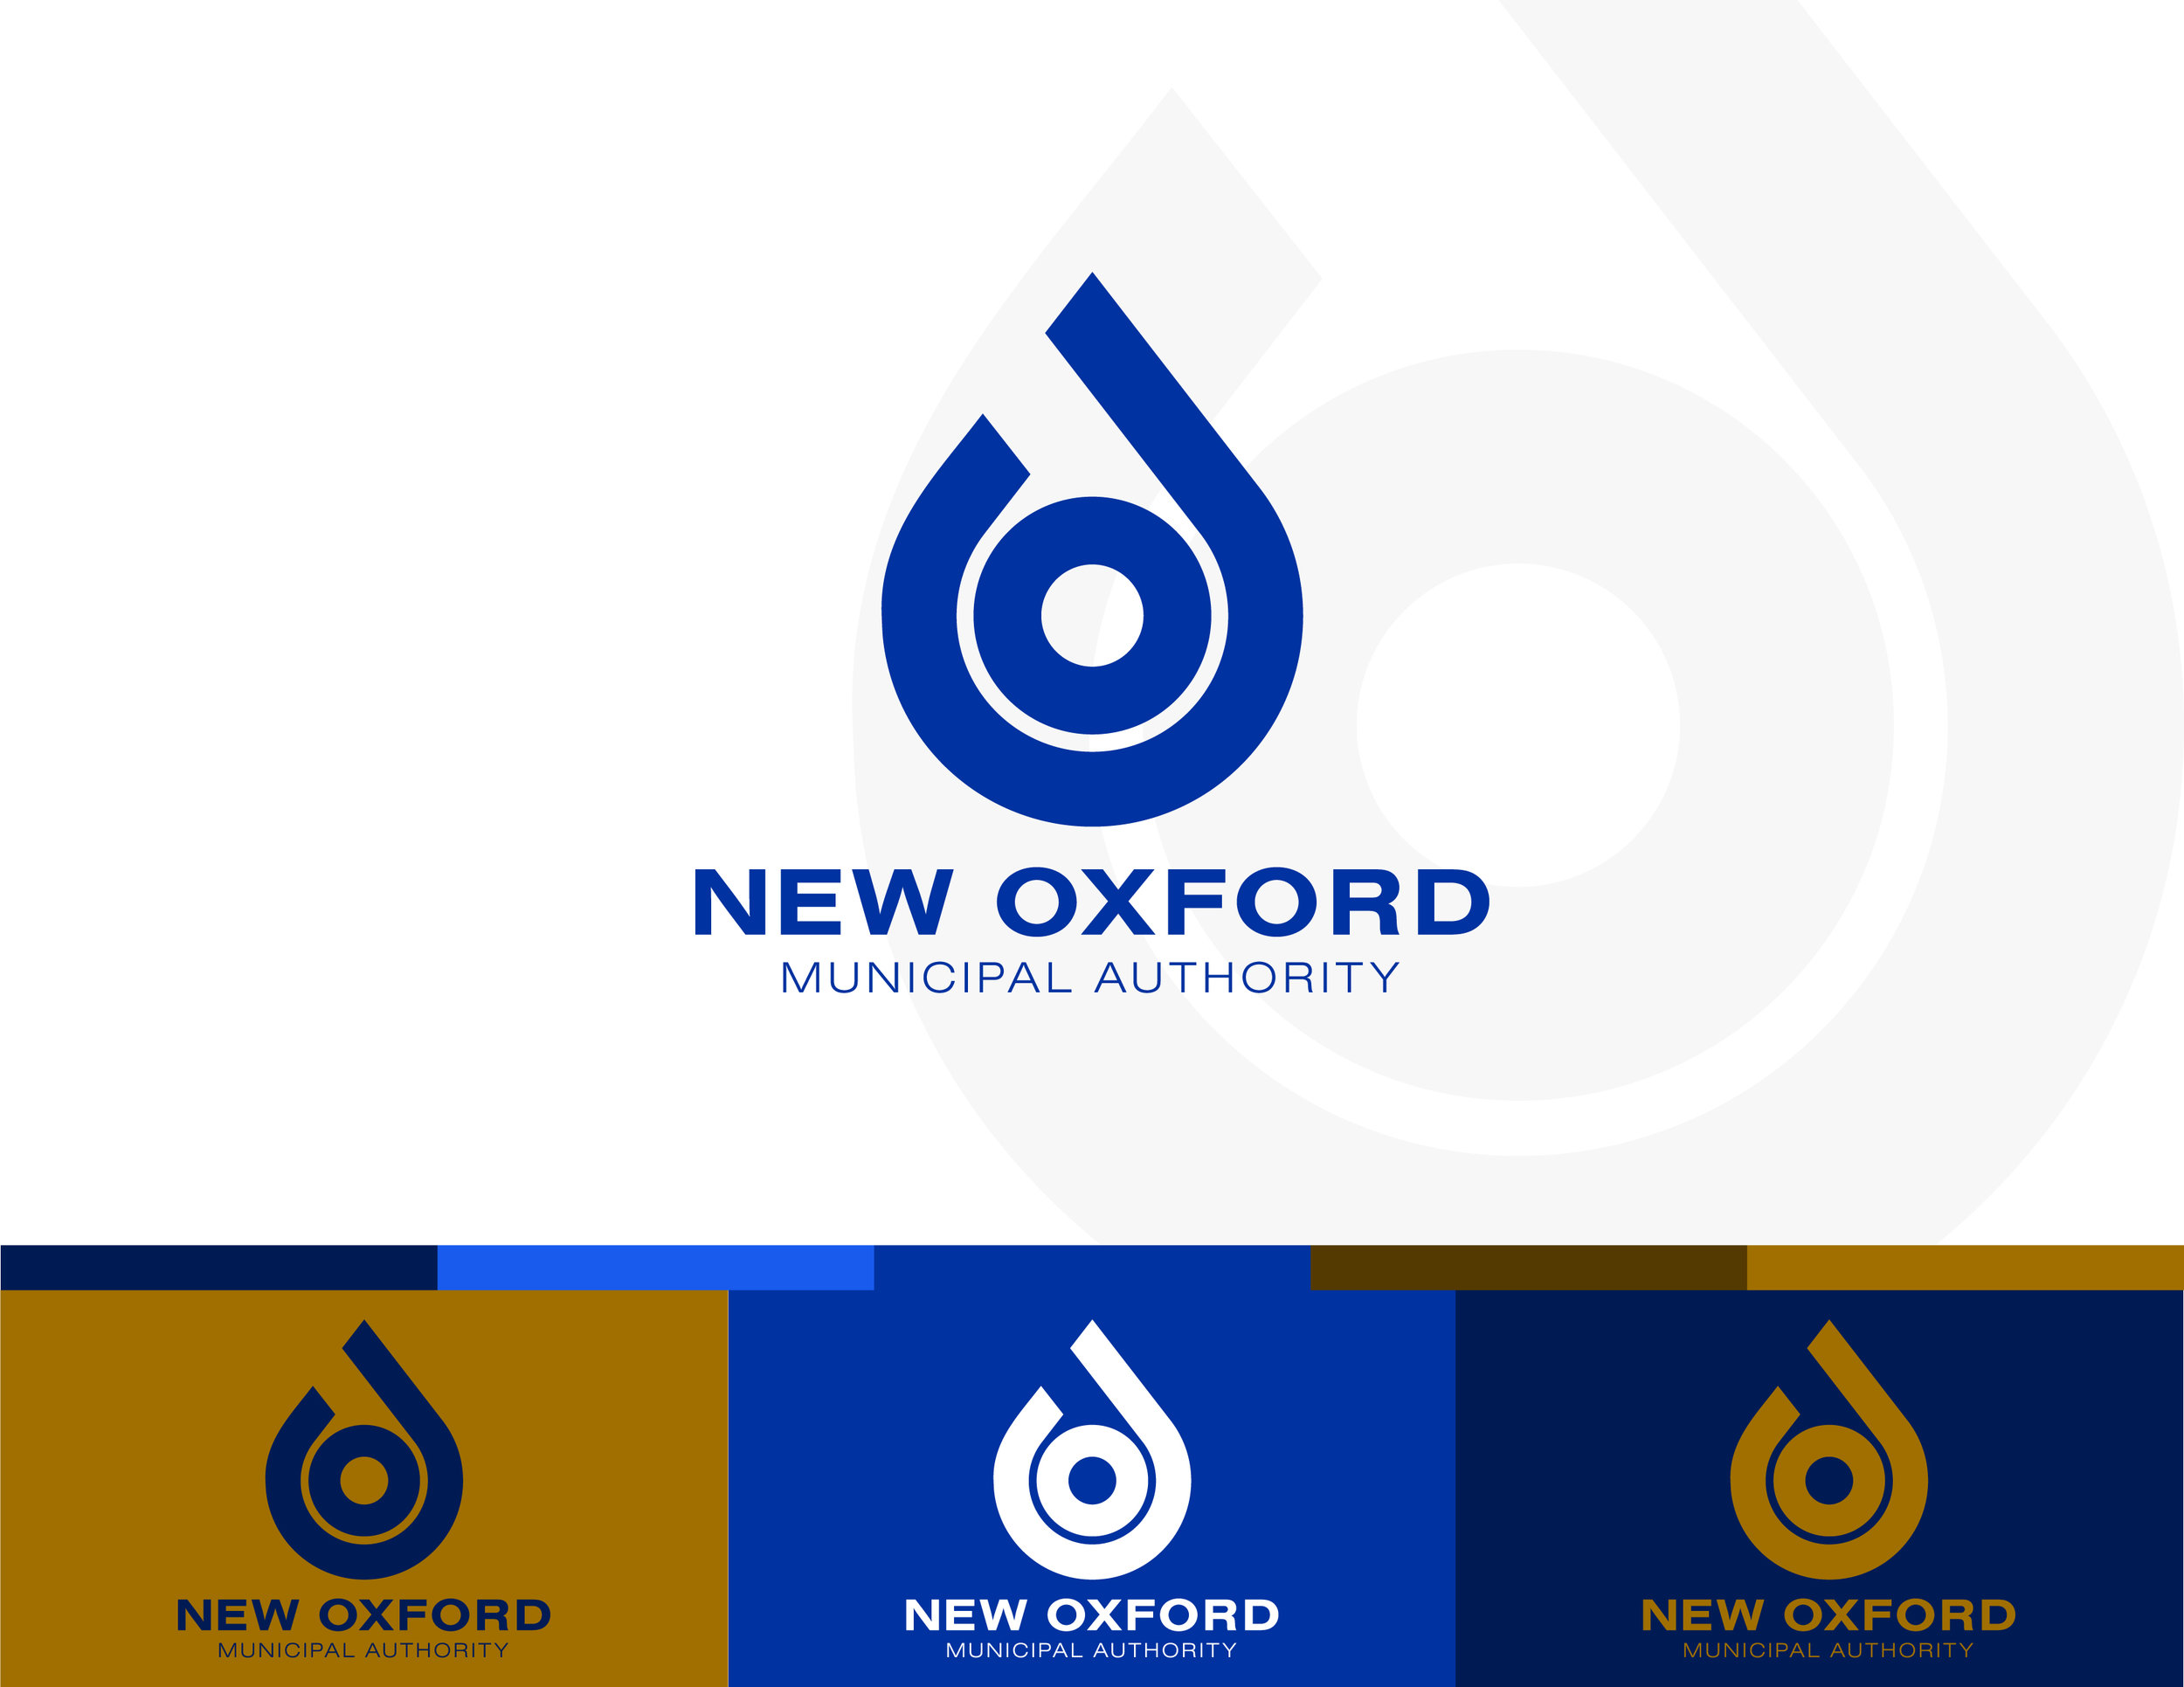 NewOxfordMU.jpg